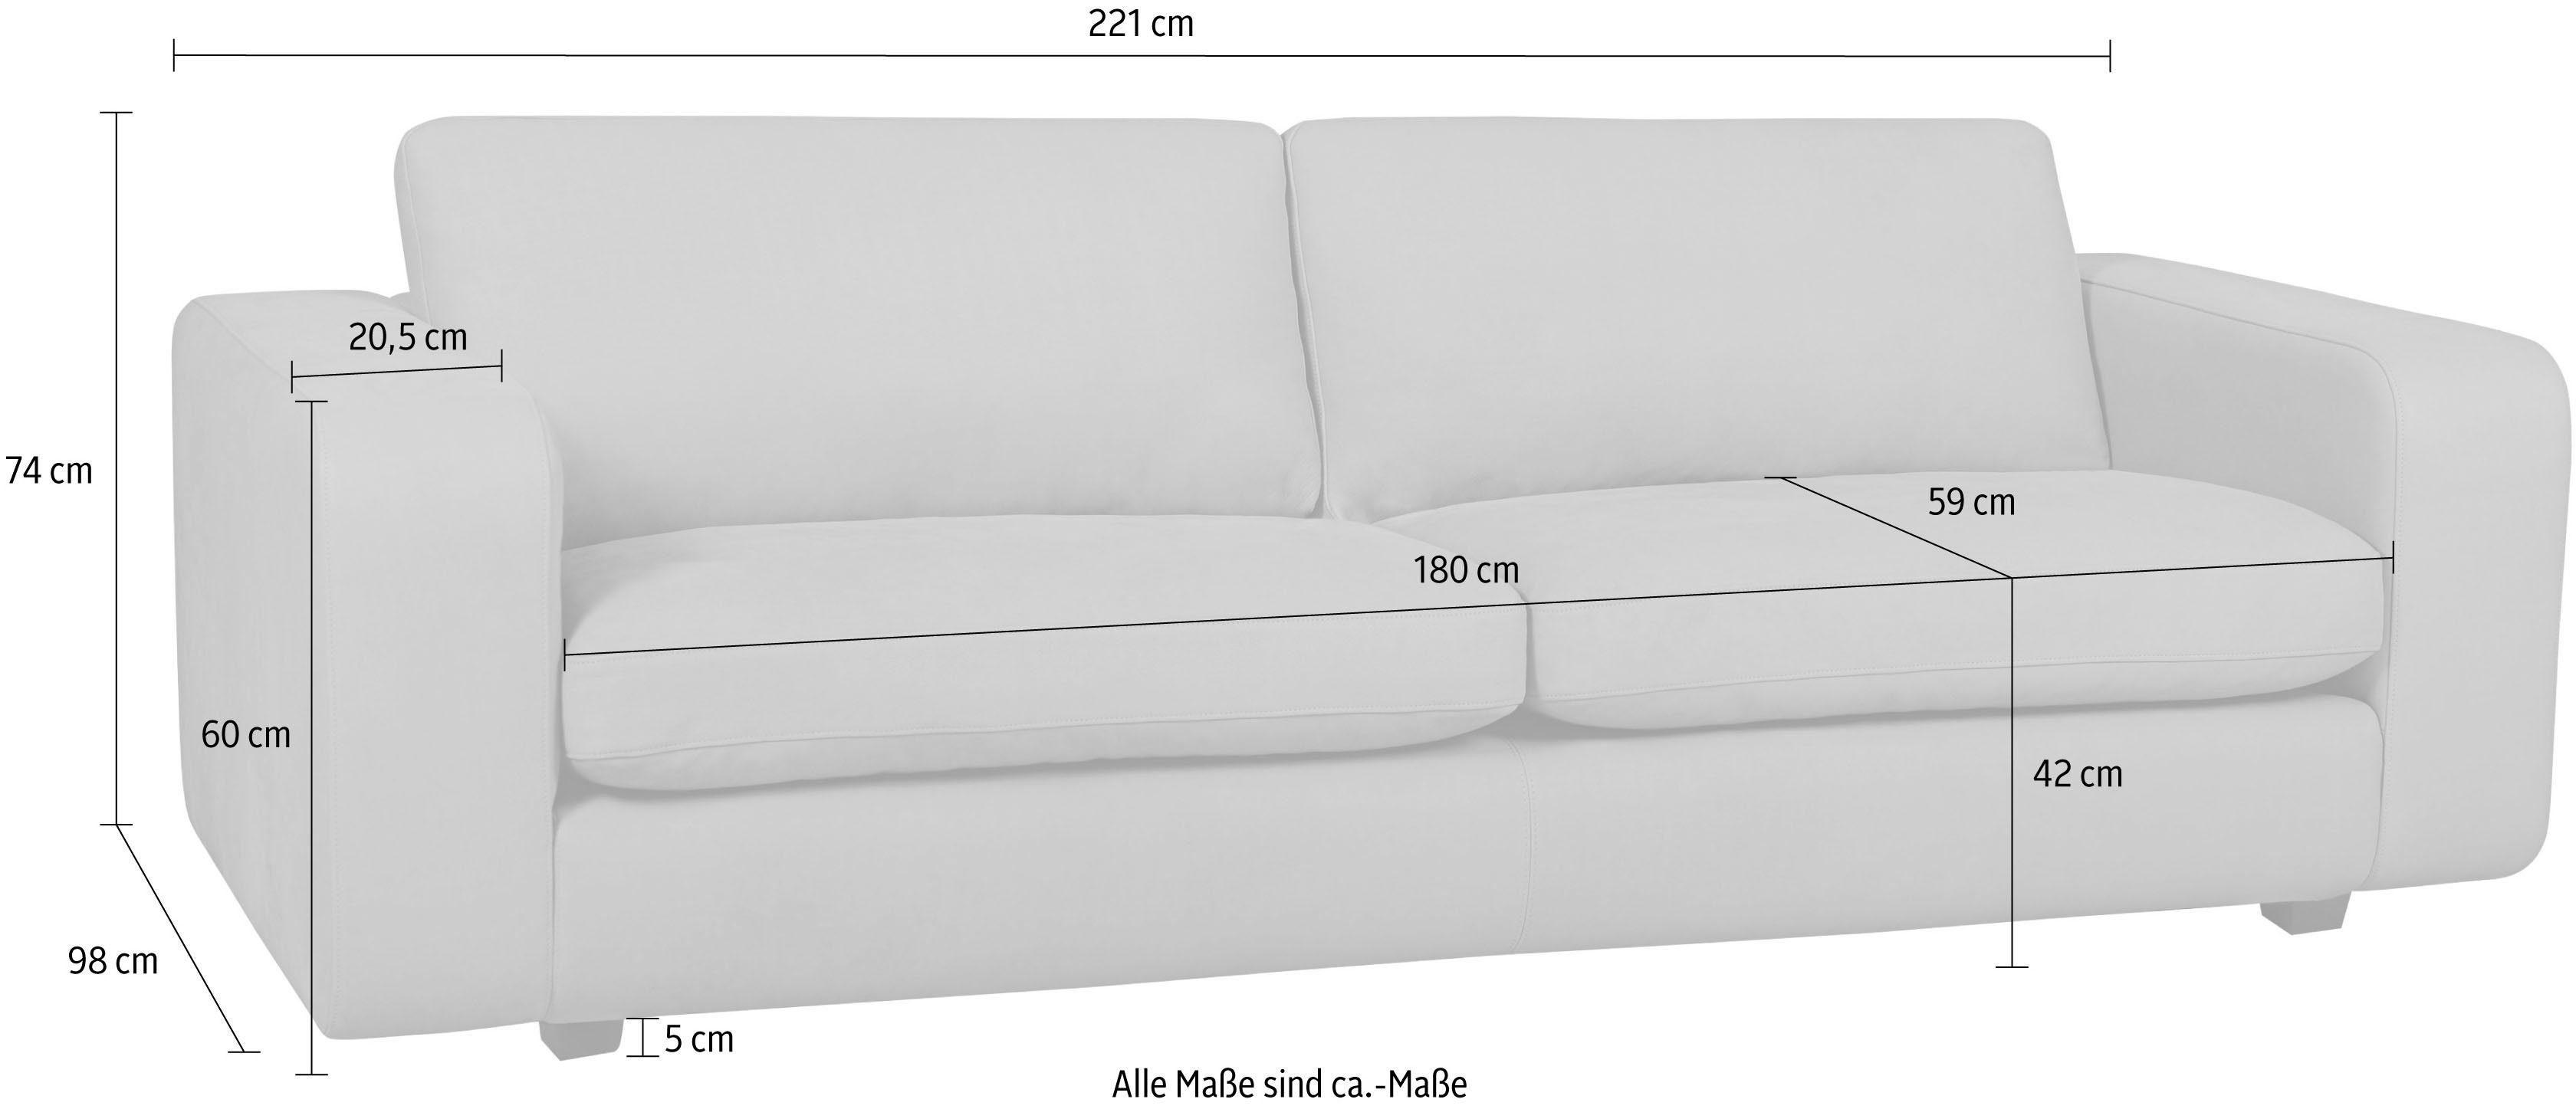 machalke® 3-Sitzer Sofa »Valentino« mit breiten Armlehnen, Füße schwarz, Breite 221 cm